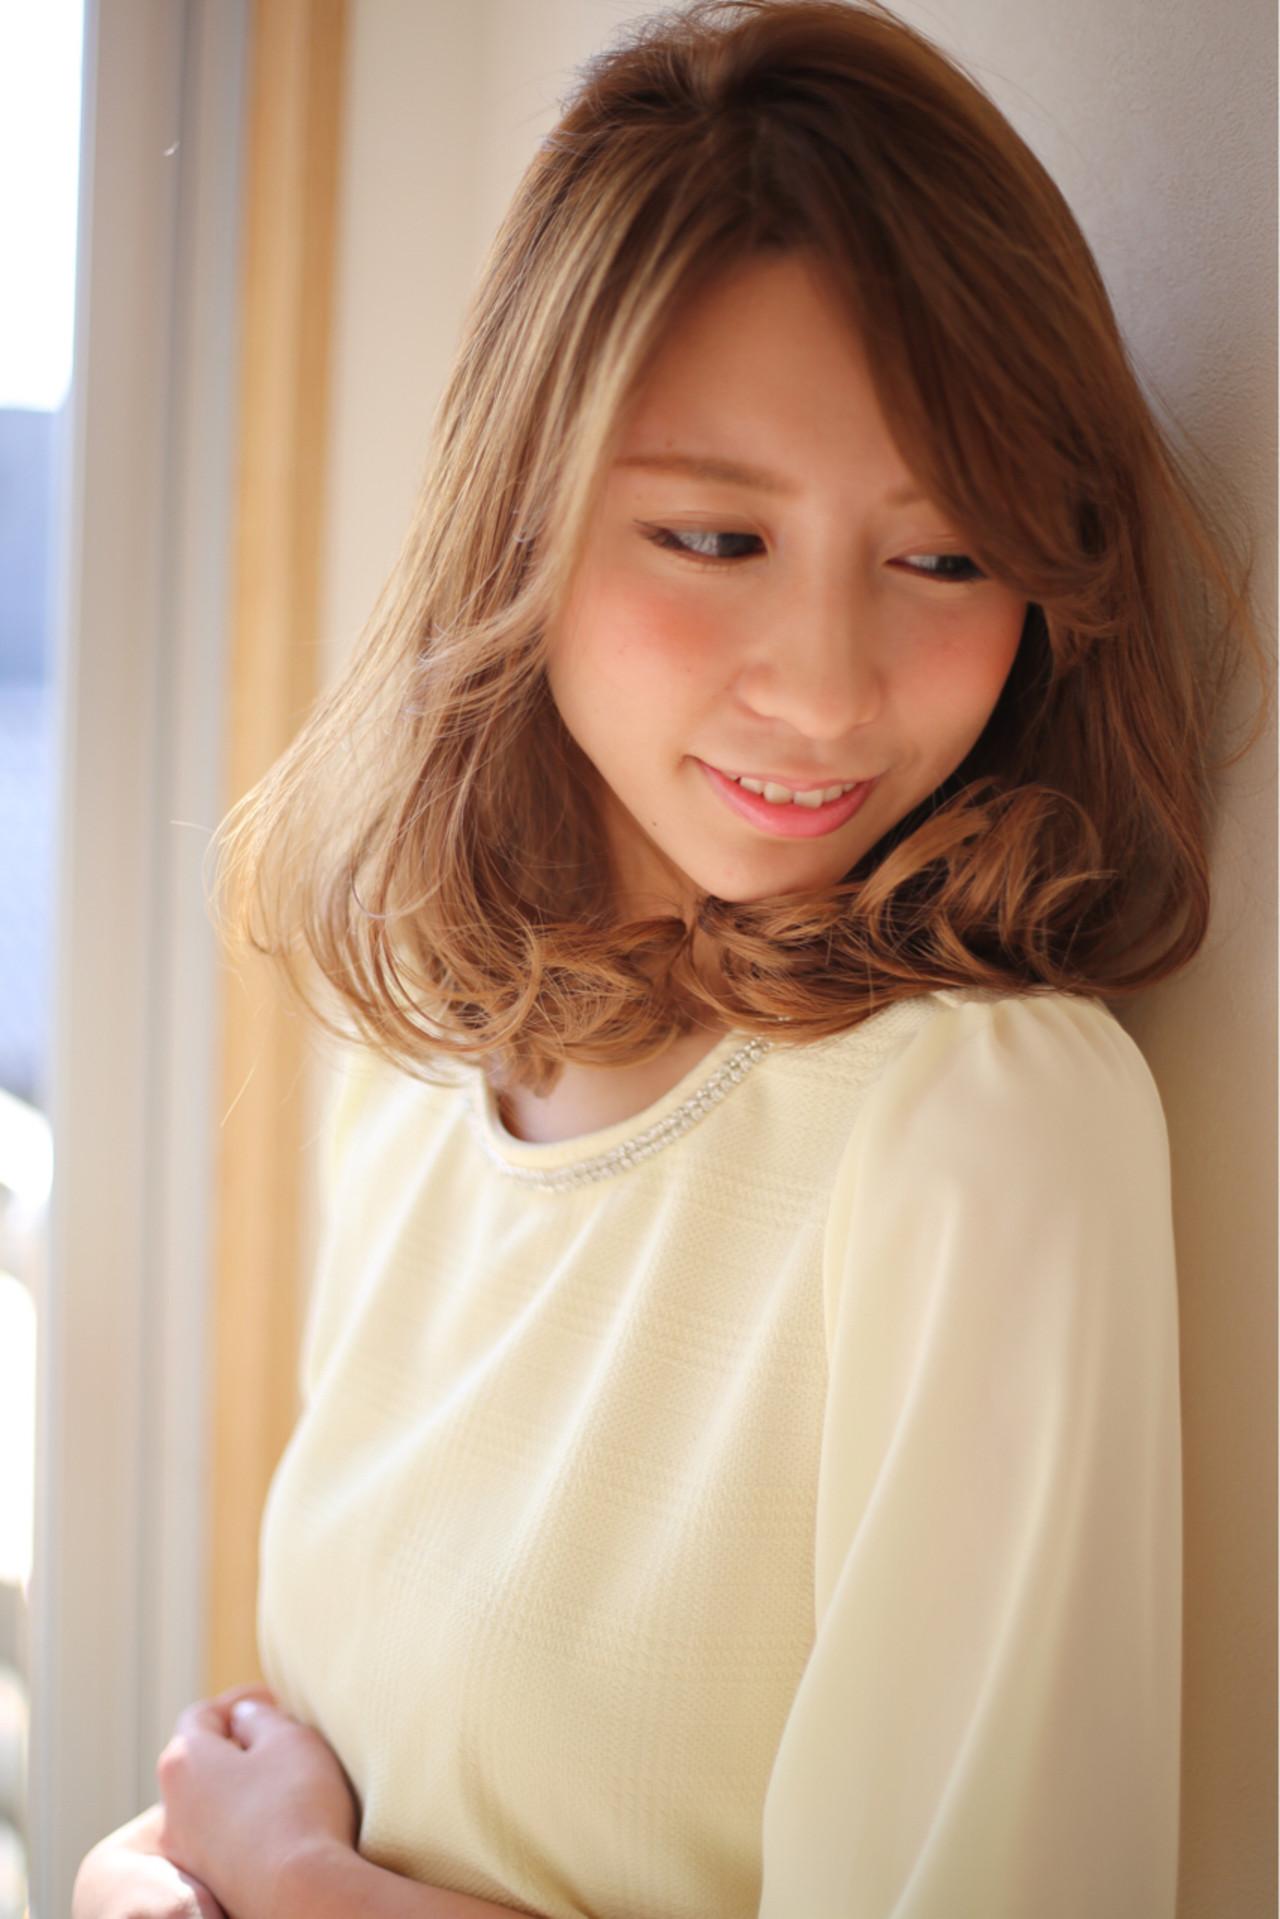 アッシュ 大人かわいい フェミニン パーマ ヘアスタイルや髪型の写真・画像 | 賀満洋行/OCEAN Hair&Life / OCEAN Hair&Life